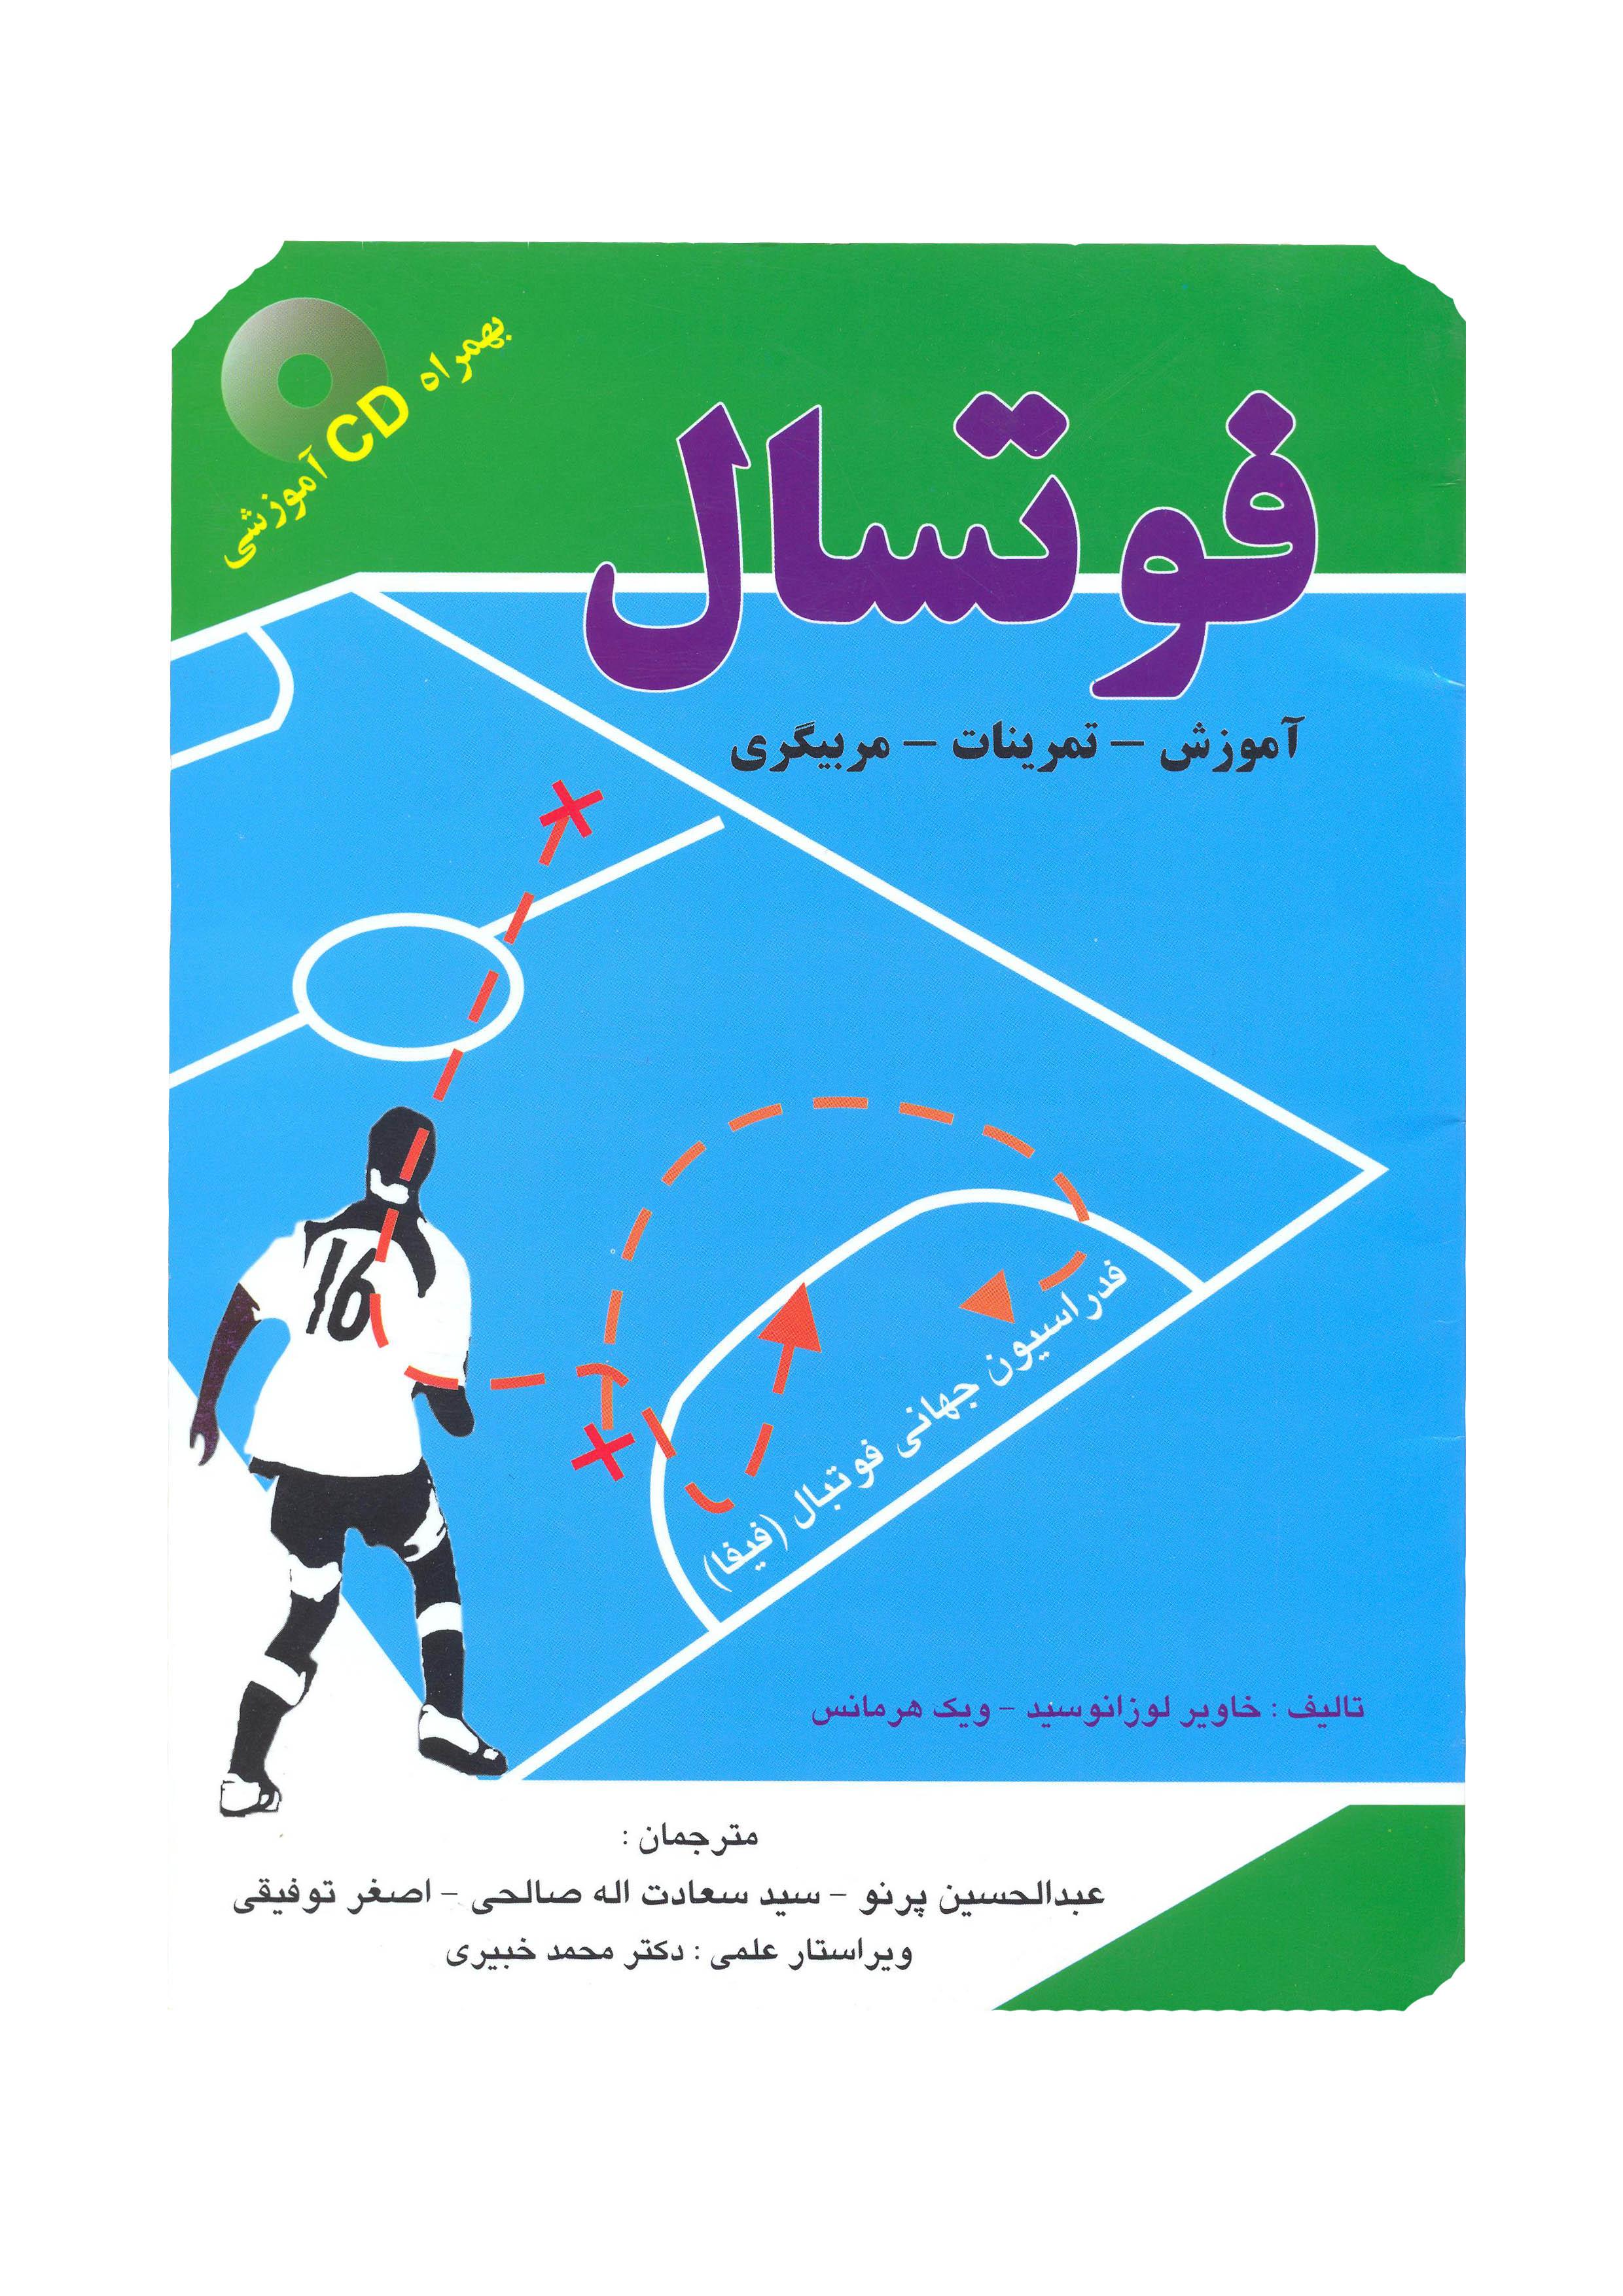 http://navadbartar.persiangig.com/image/Futsal%20Book.jpg